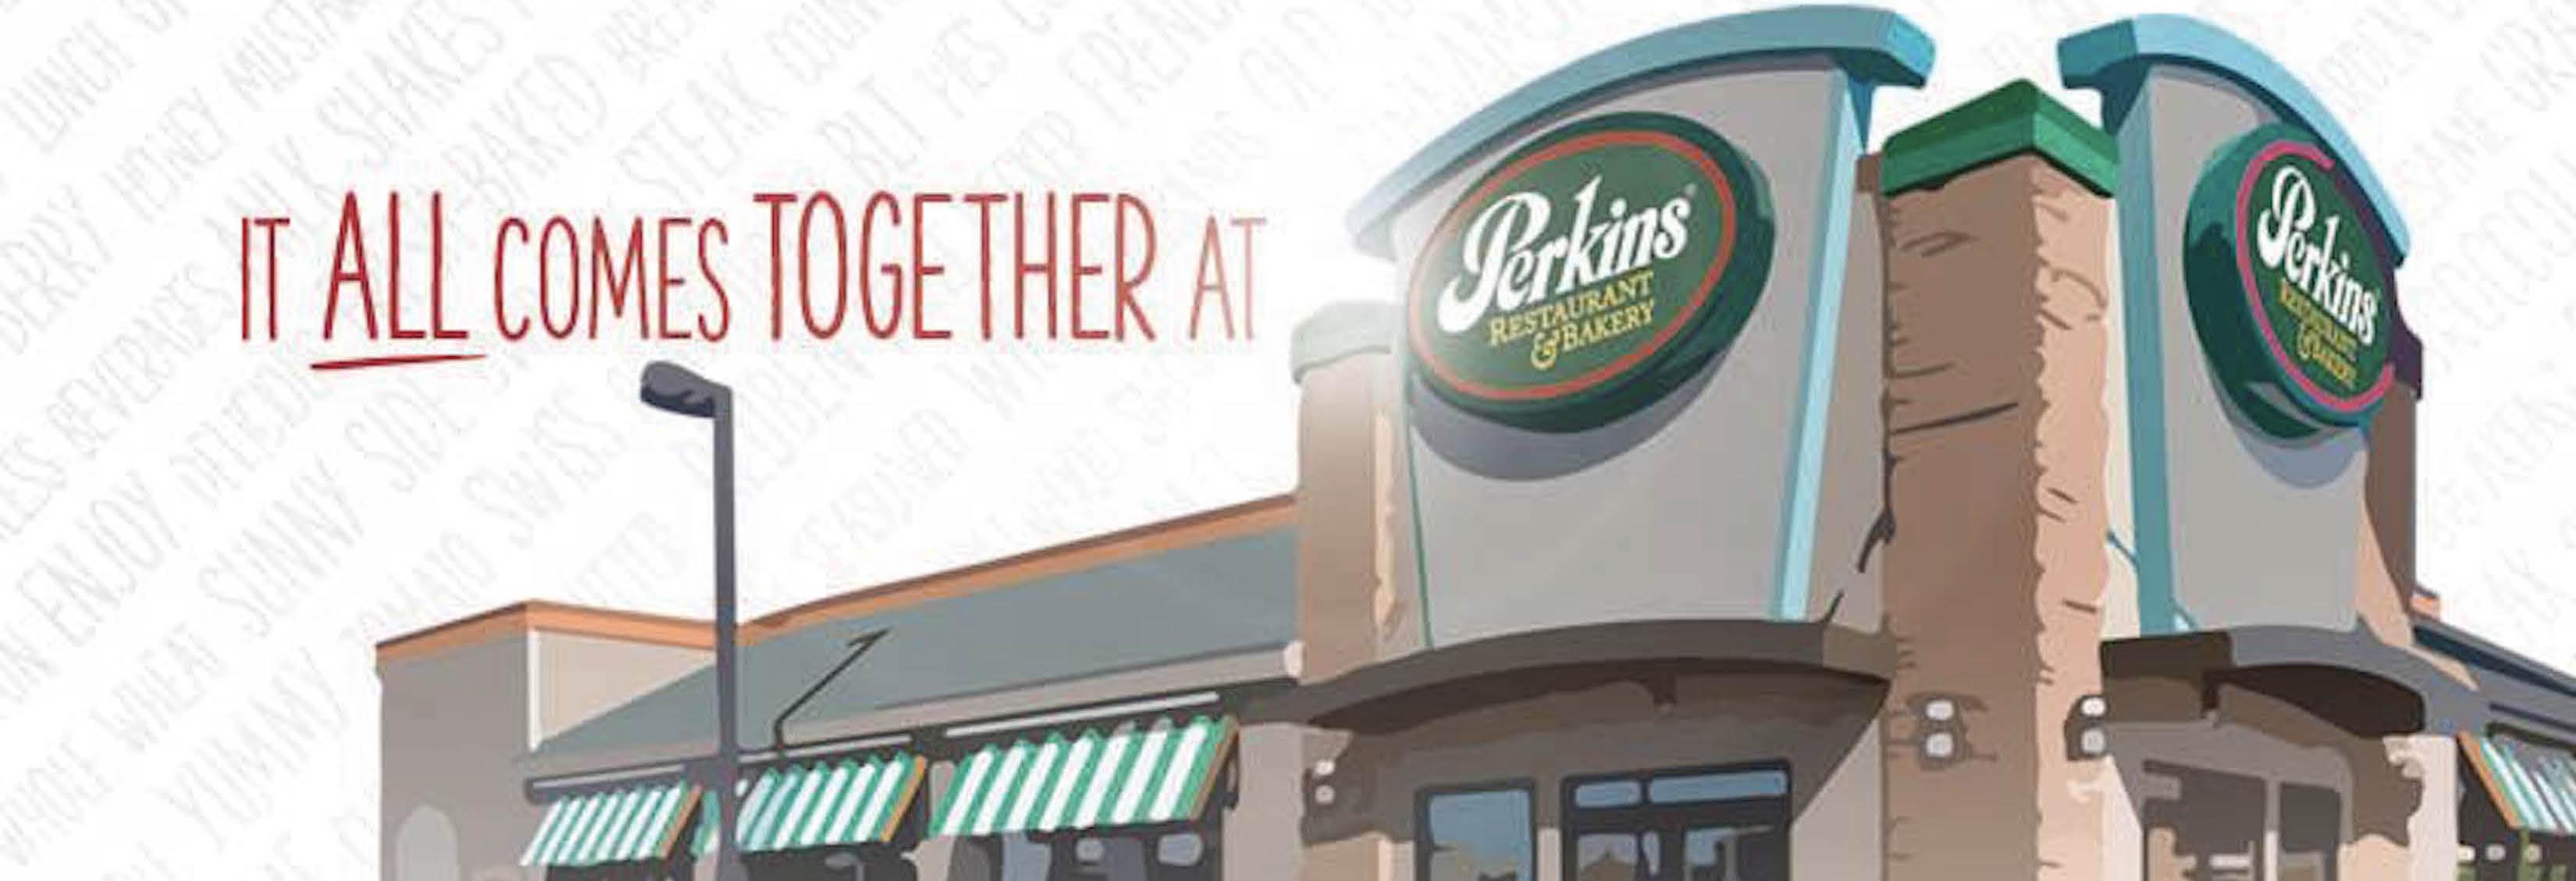 breakfast,pancakes,eggs,coffee,pie,muffins,dinner,burgers,perkins, perkins coupon